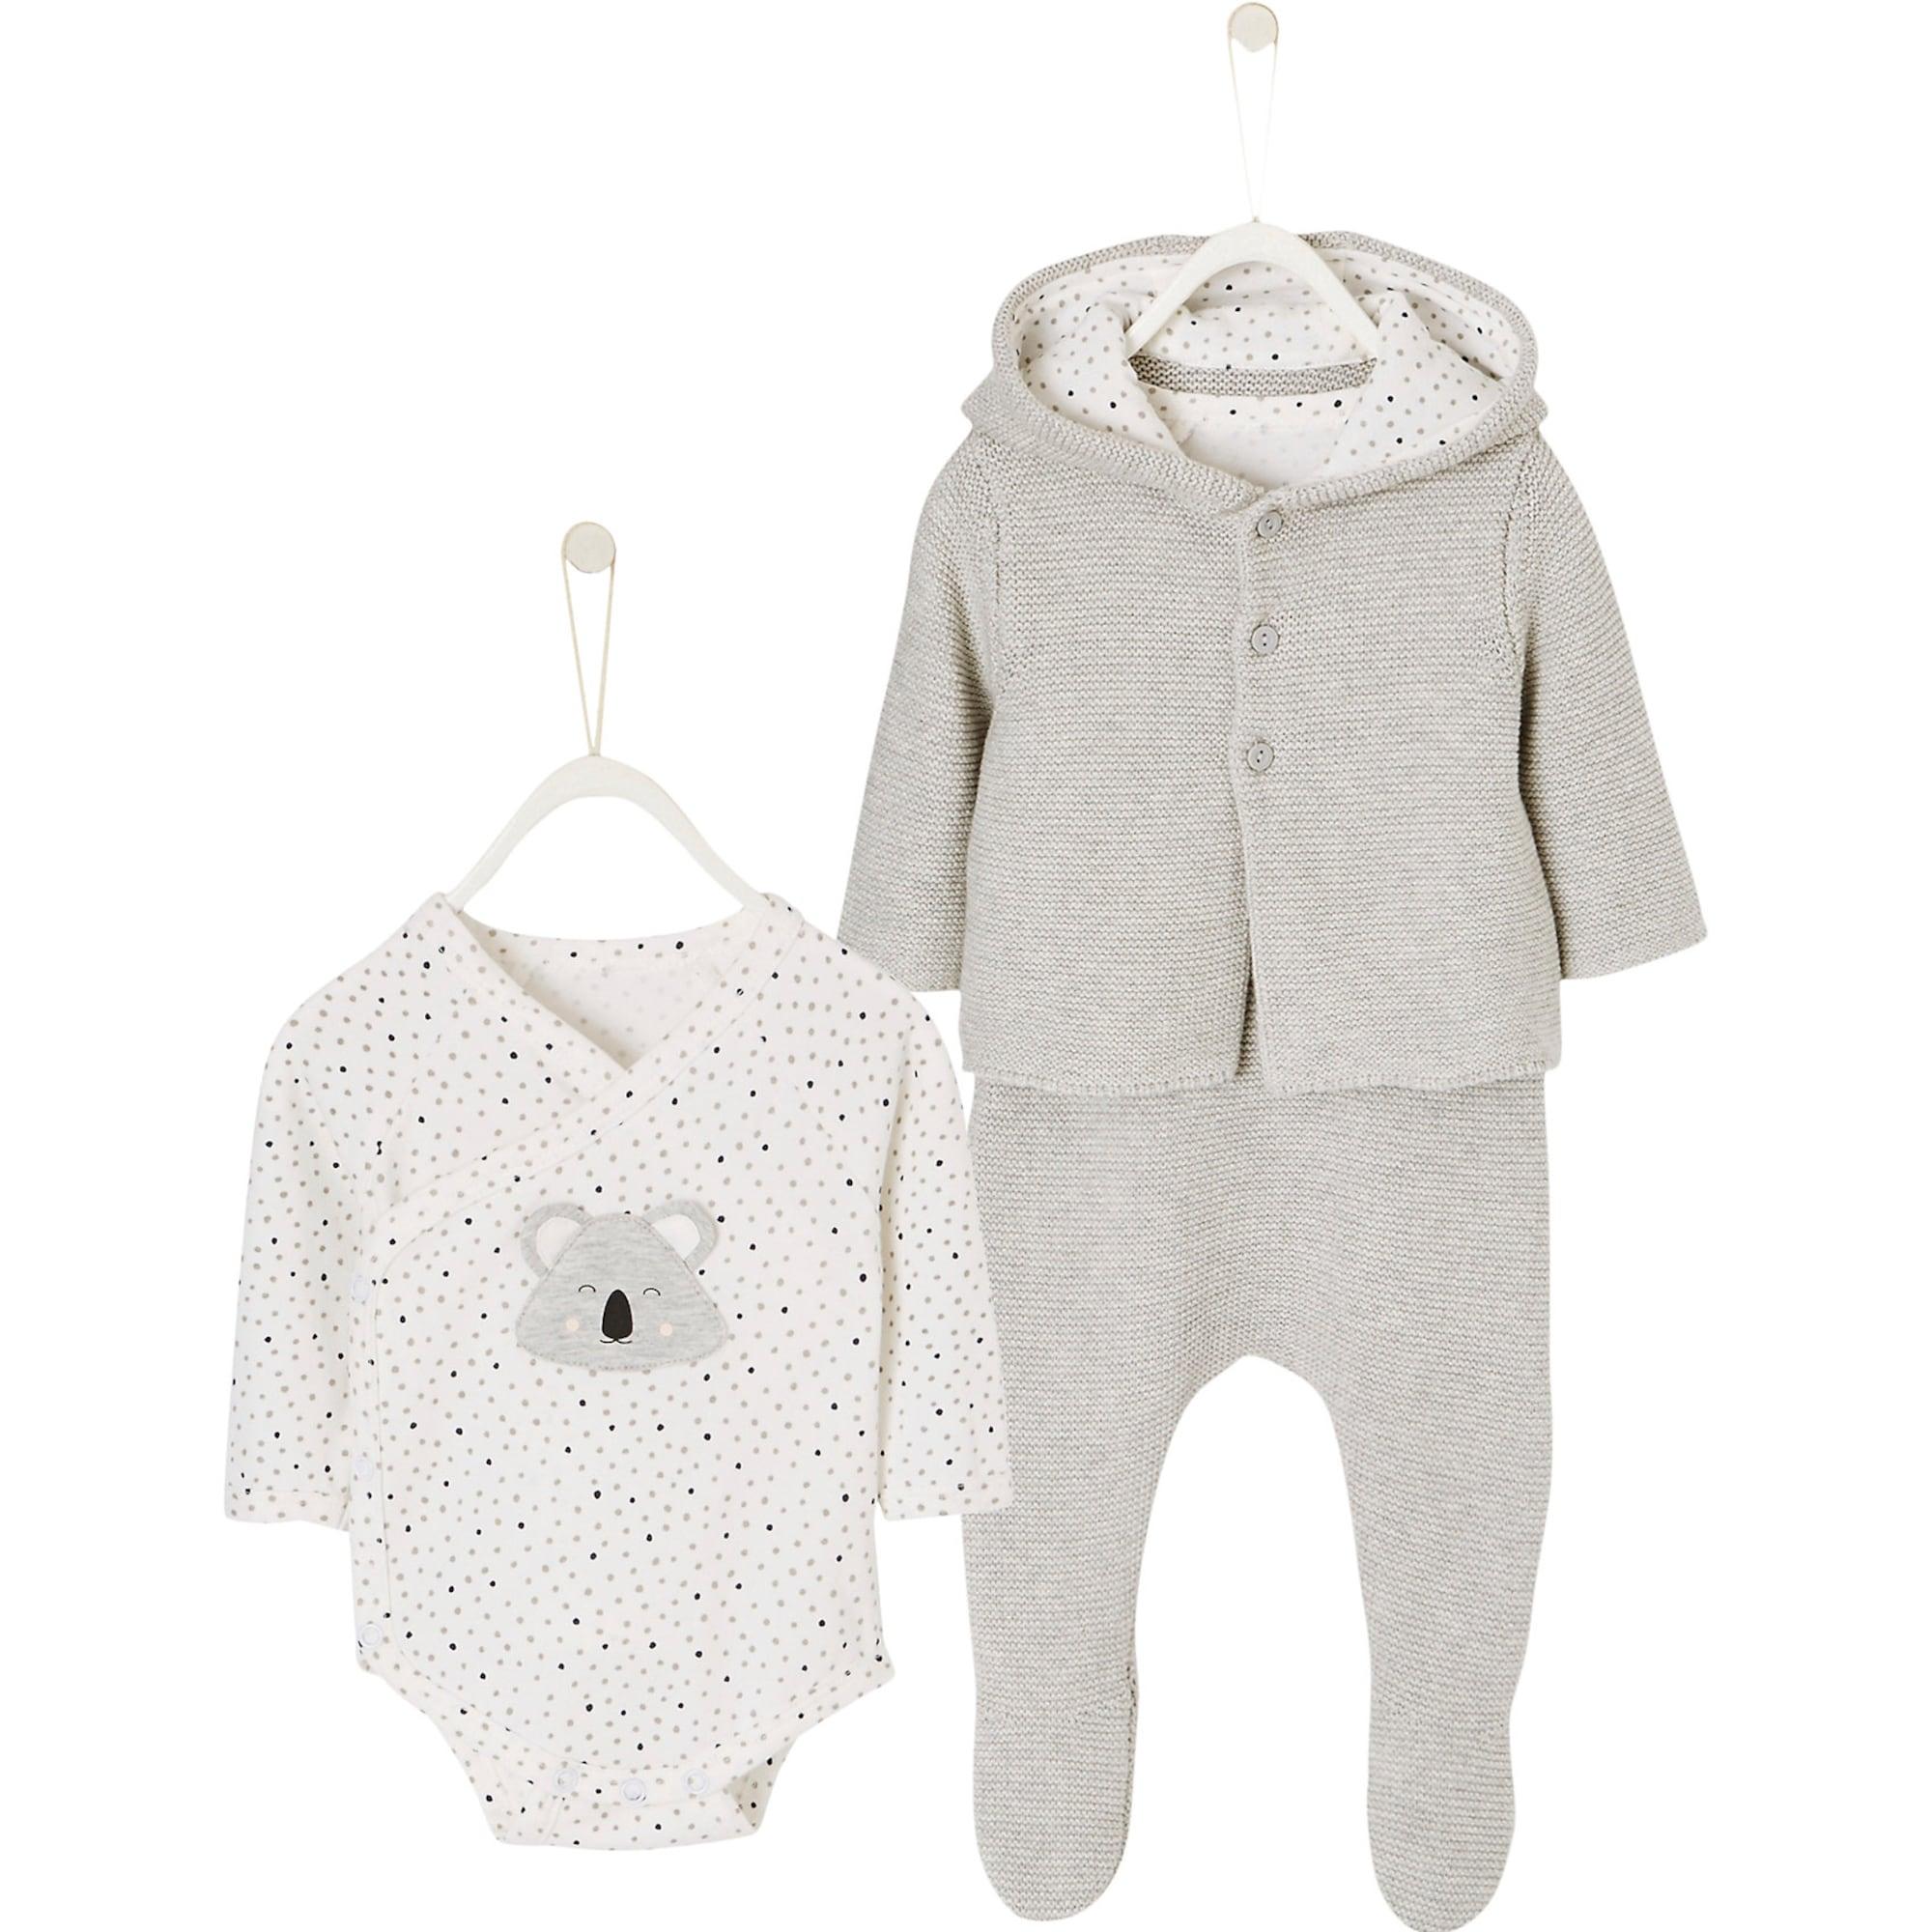 Babyjacken - Newborn Set aus Strickjacke, Strickhose und Wickelbody - Onlineshop ABOUT YOU